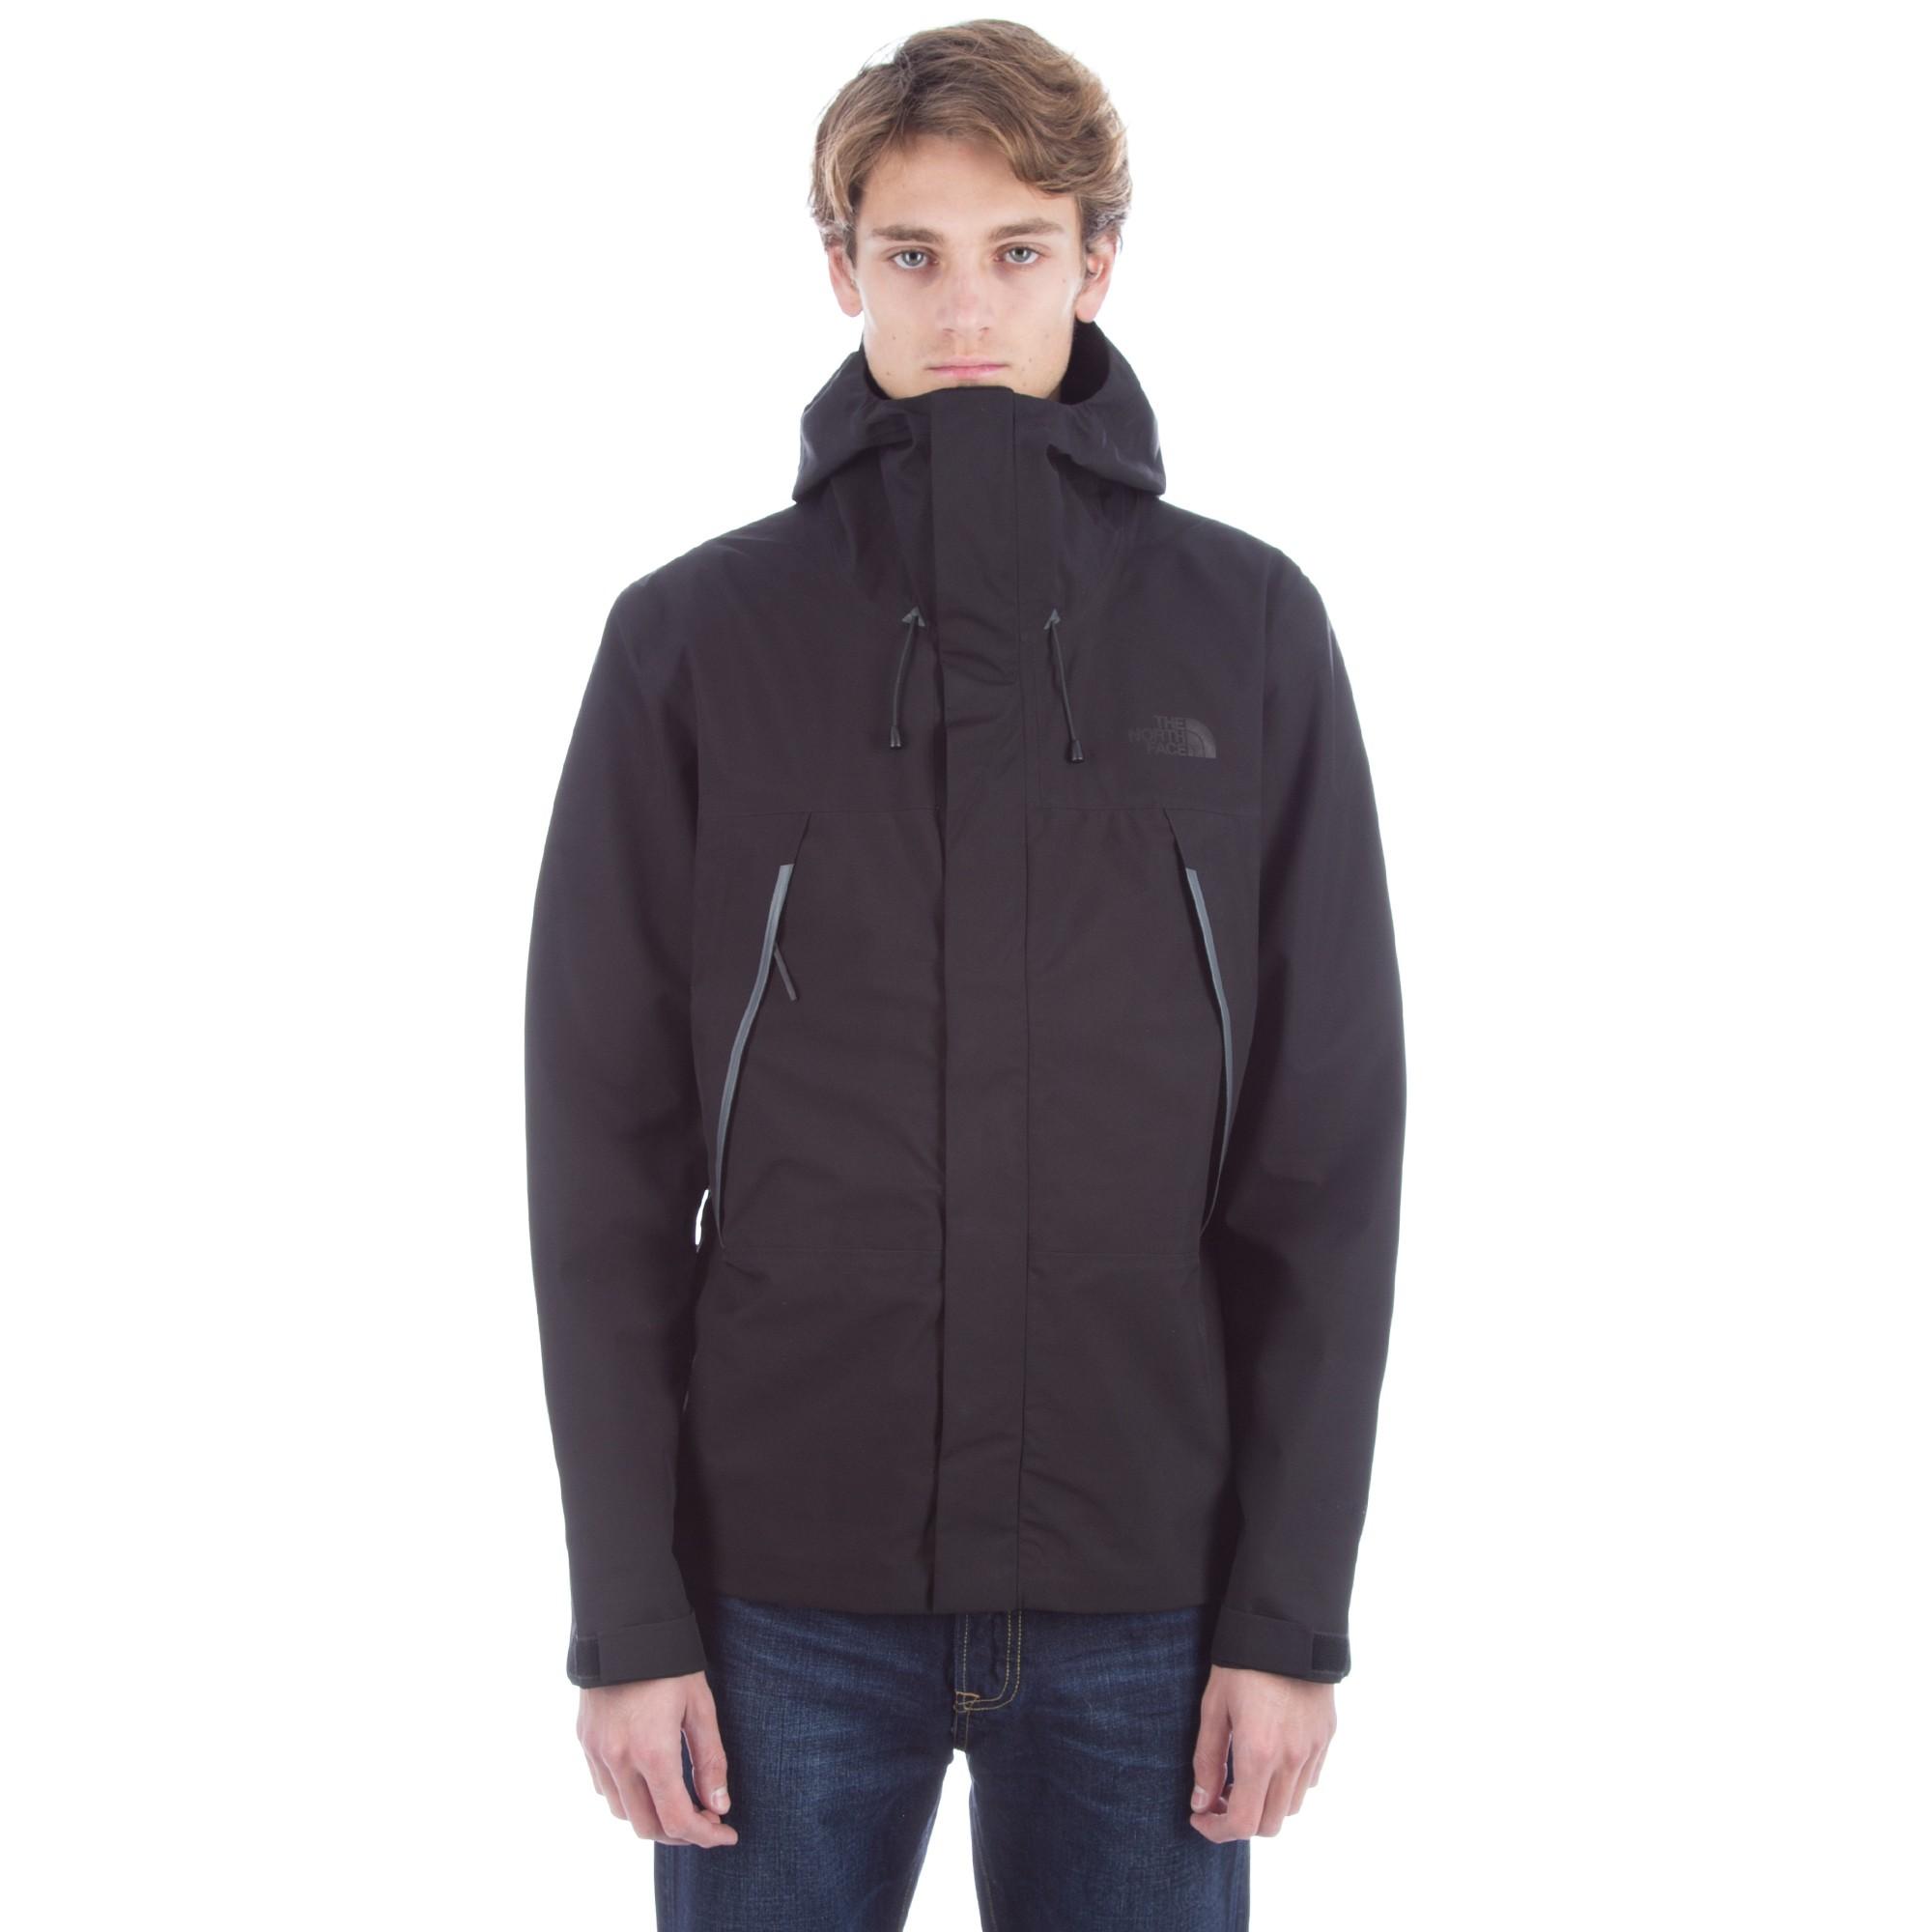 North face jacket black friday uk